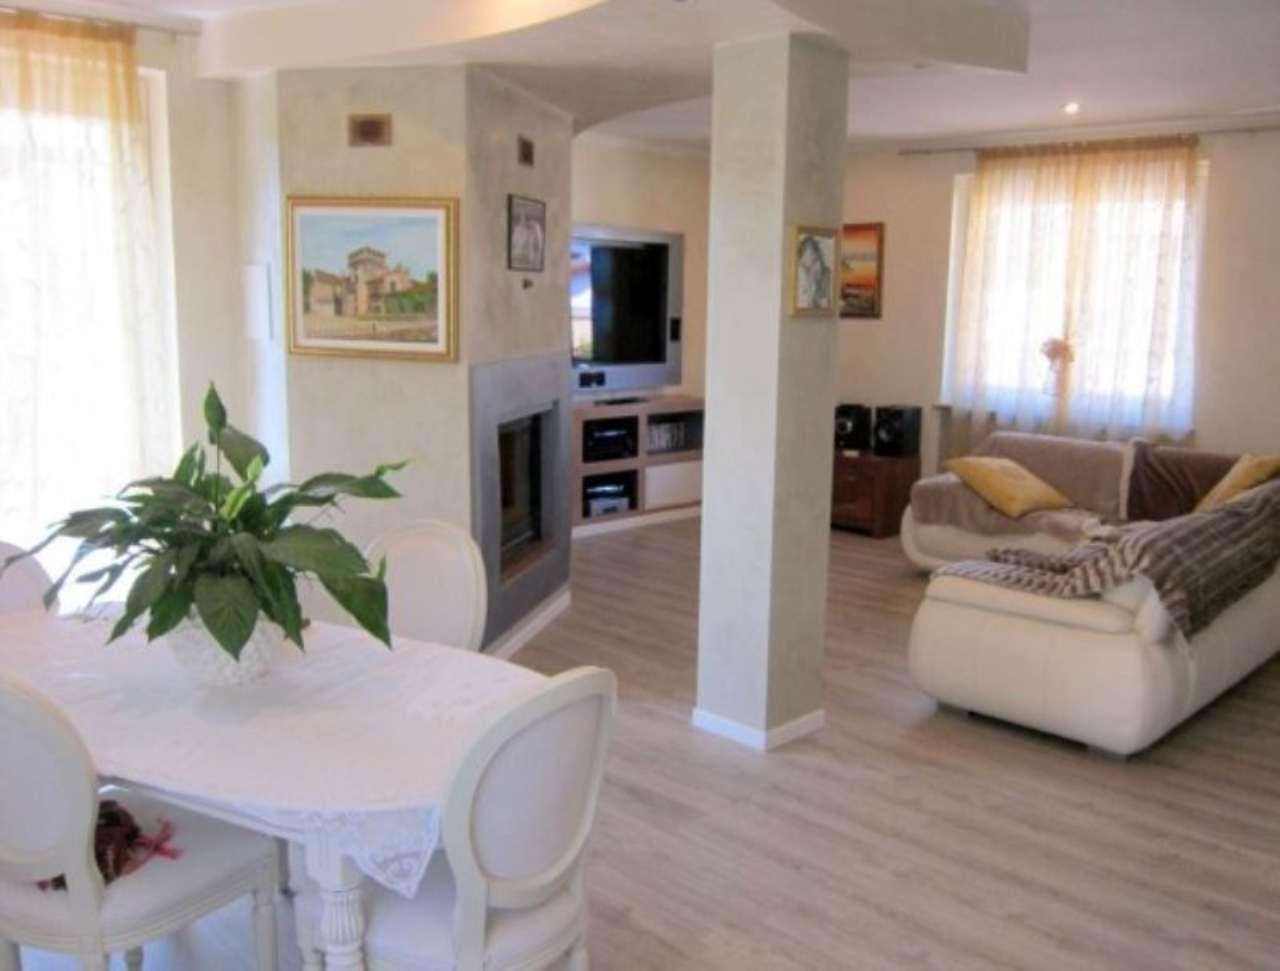 Soluzione Indipendente in vendita a Somma Lombardo, 6 locali, prezzo € 349.000 | Cambio Casa.it